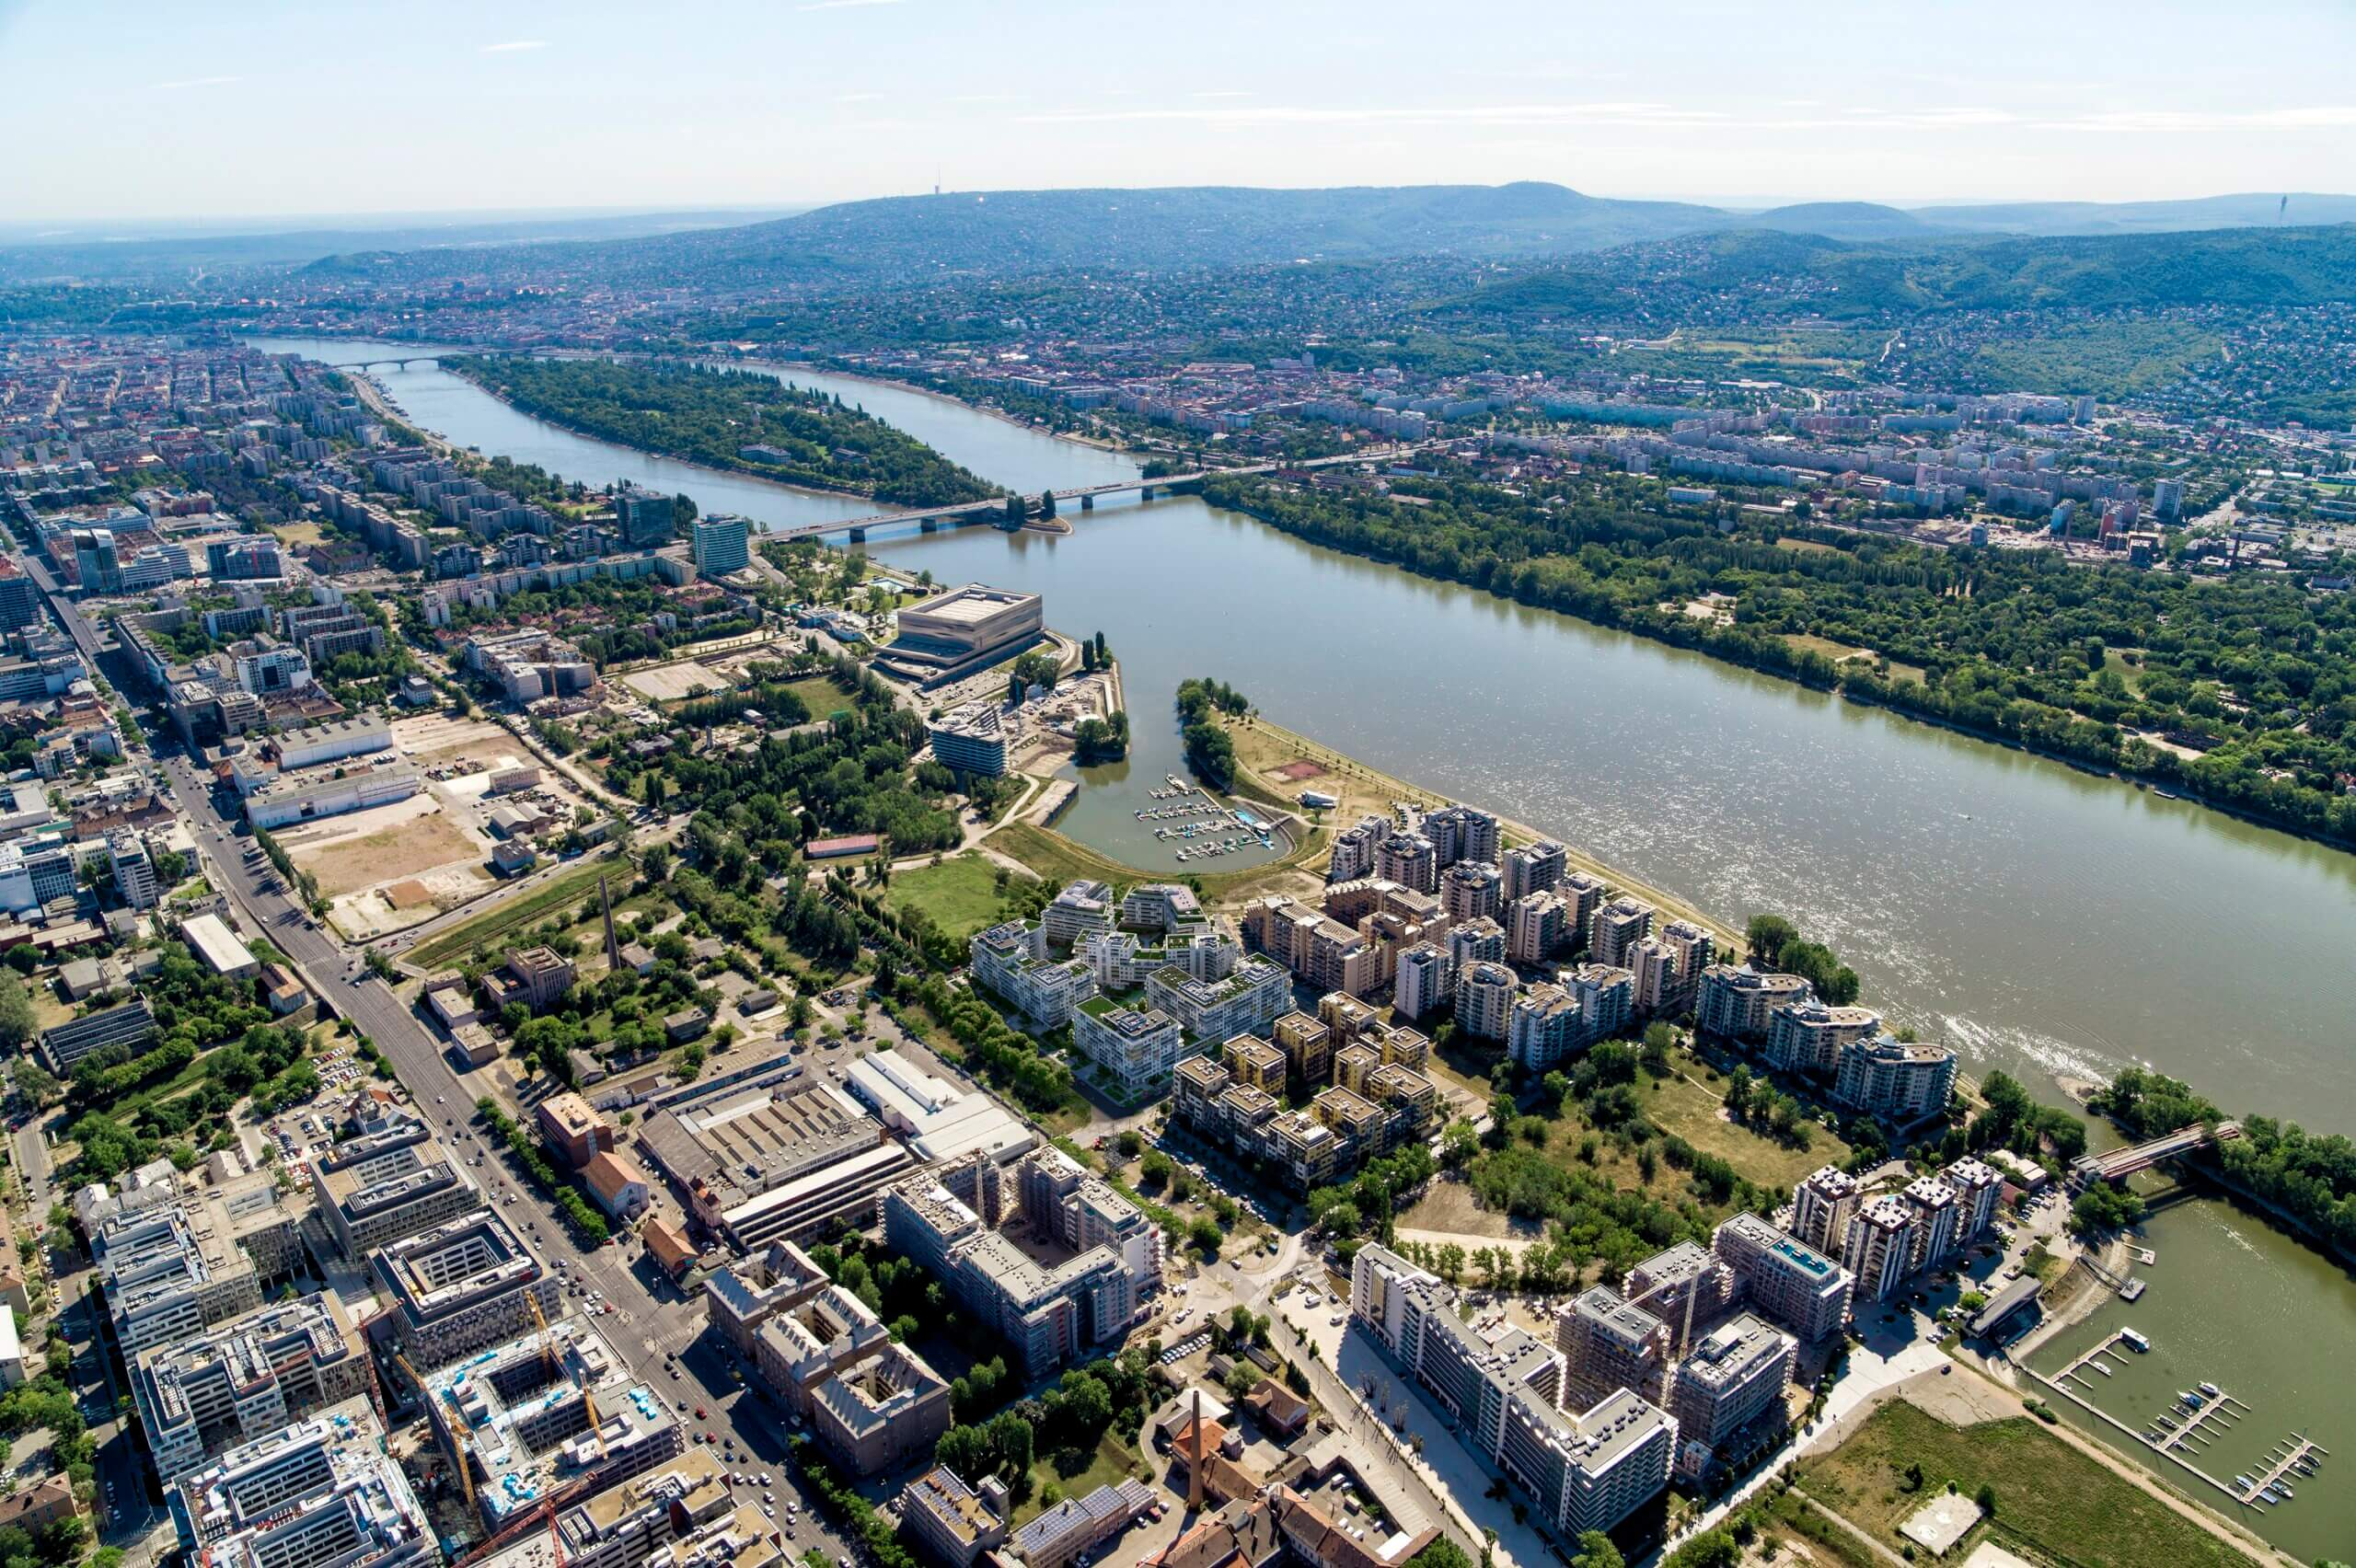 Megbízható, stabil fejlesztői háttérrel épül ez a Dunához közeli beruházás